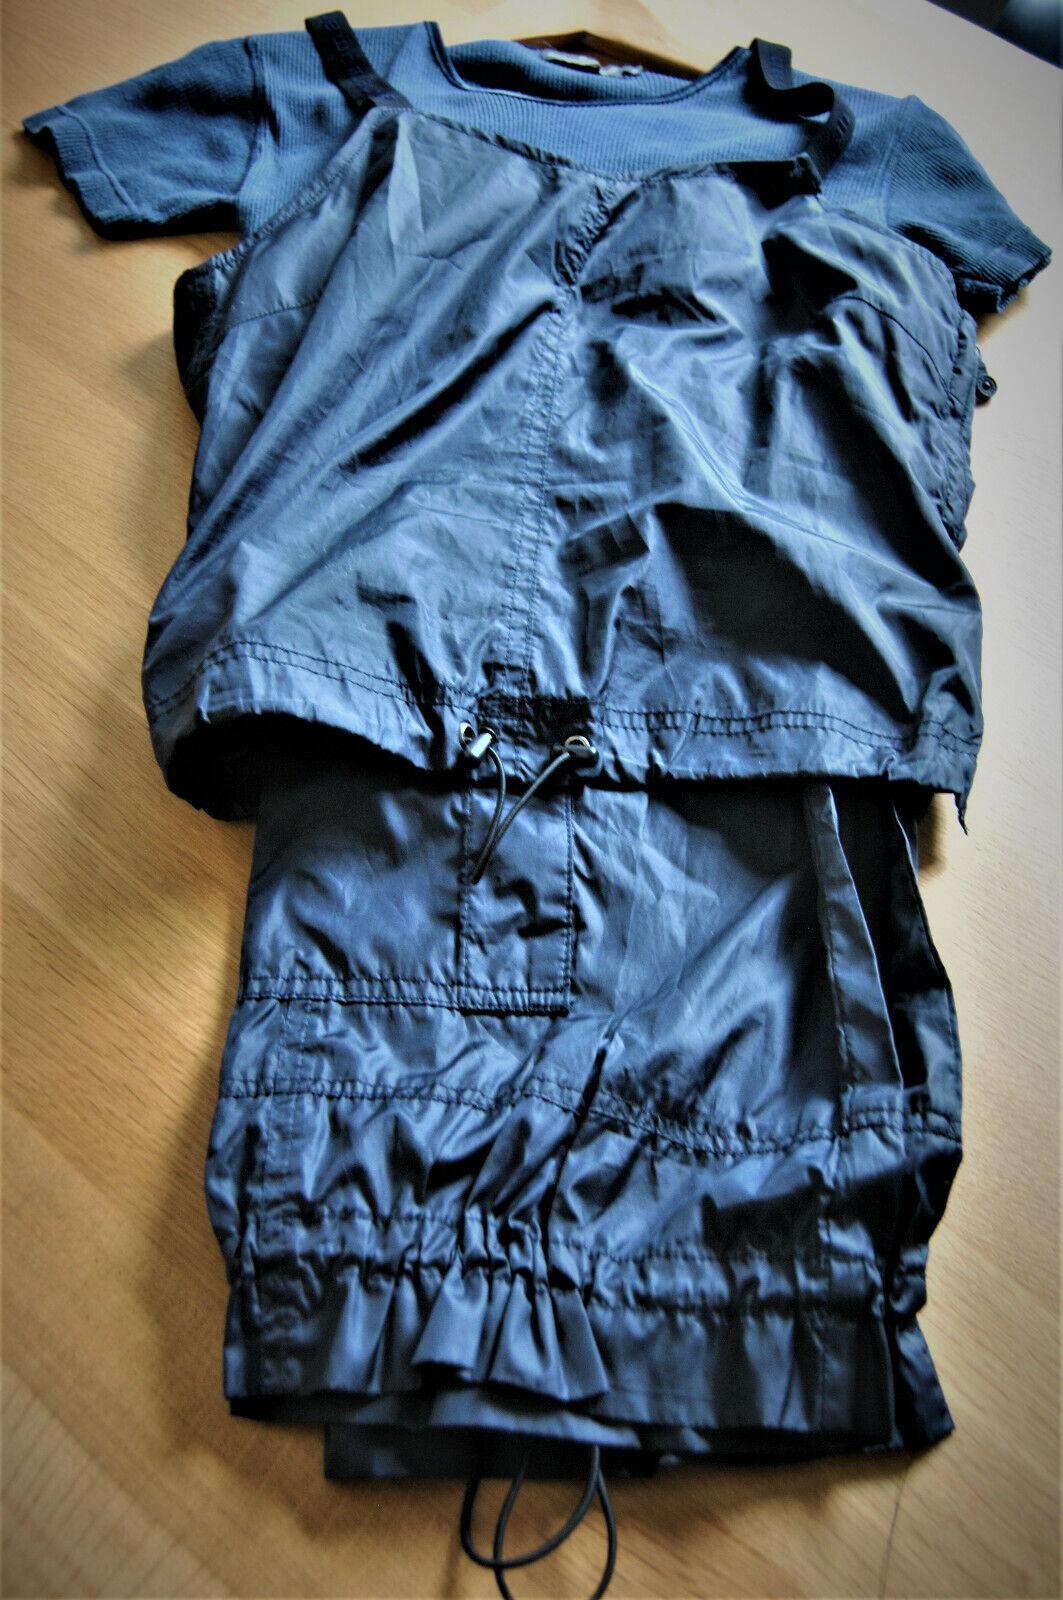 ANOTHER WOMAN- Hose+Top+Baumwoll Shirt /kein Versand vom 25.09-08.10.21